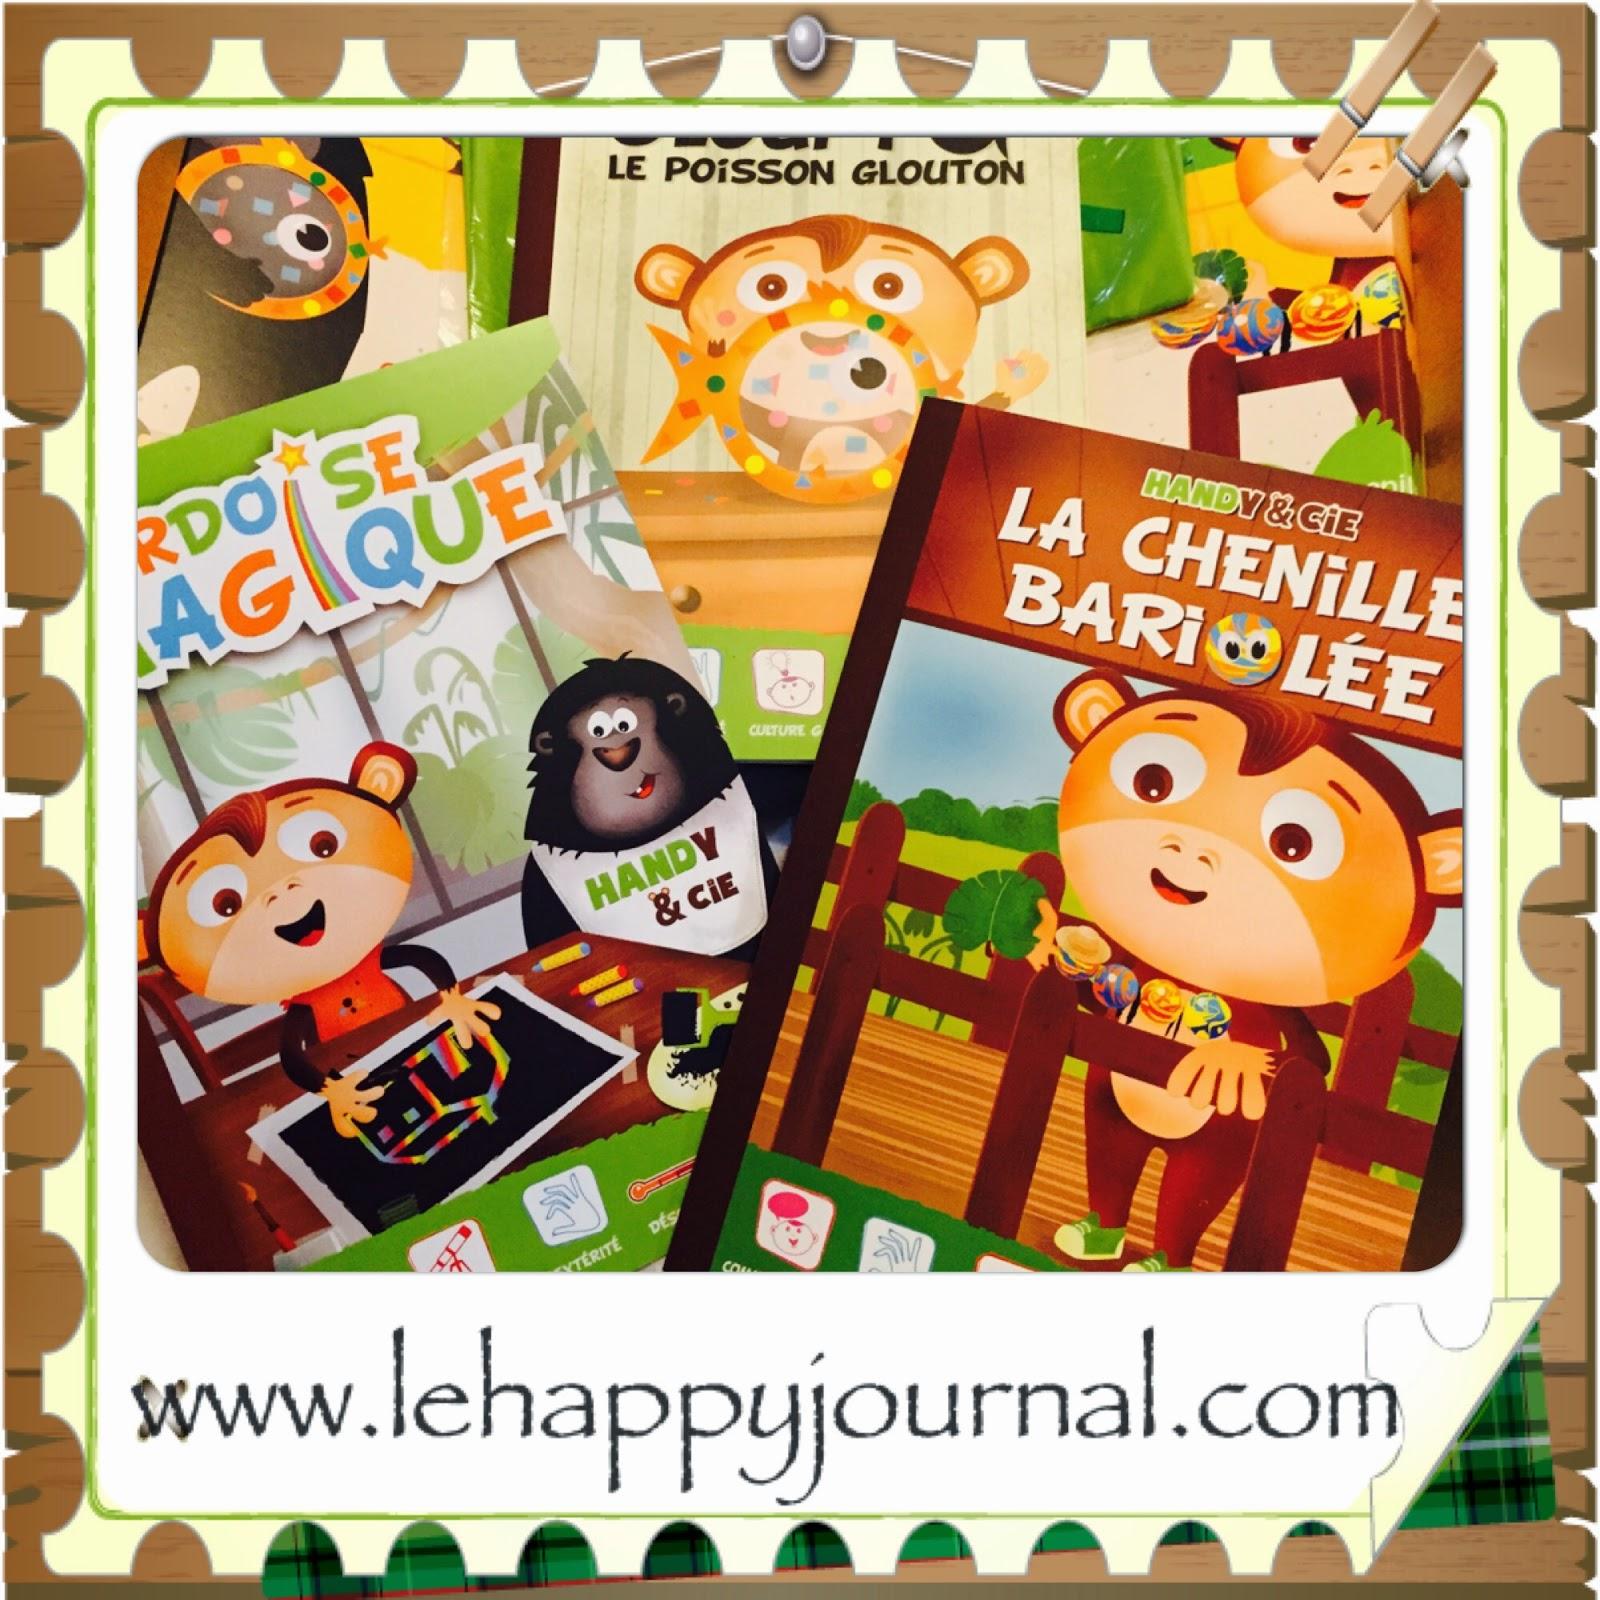 handy et cie, box, activité manuelle, enfant, happy journal, partenaire